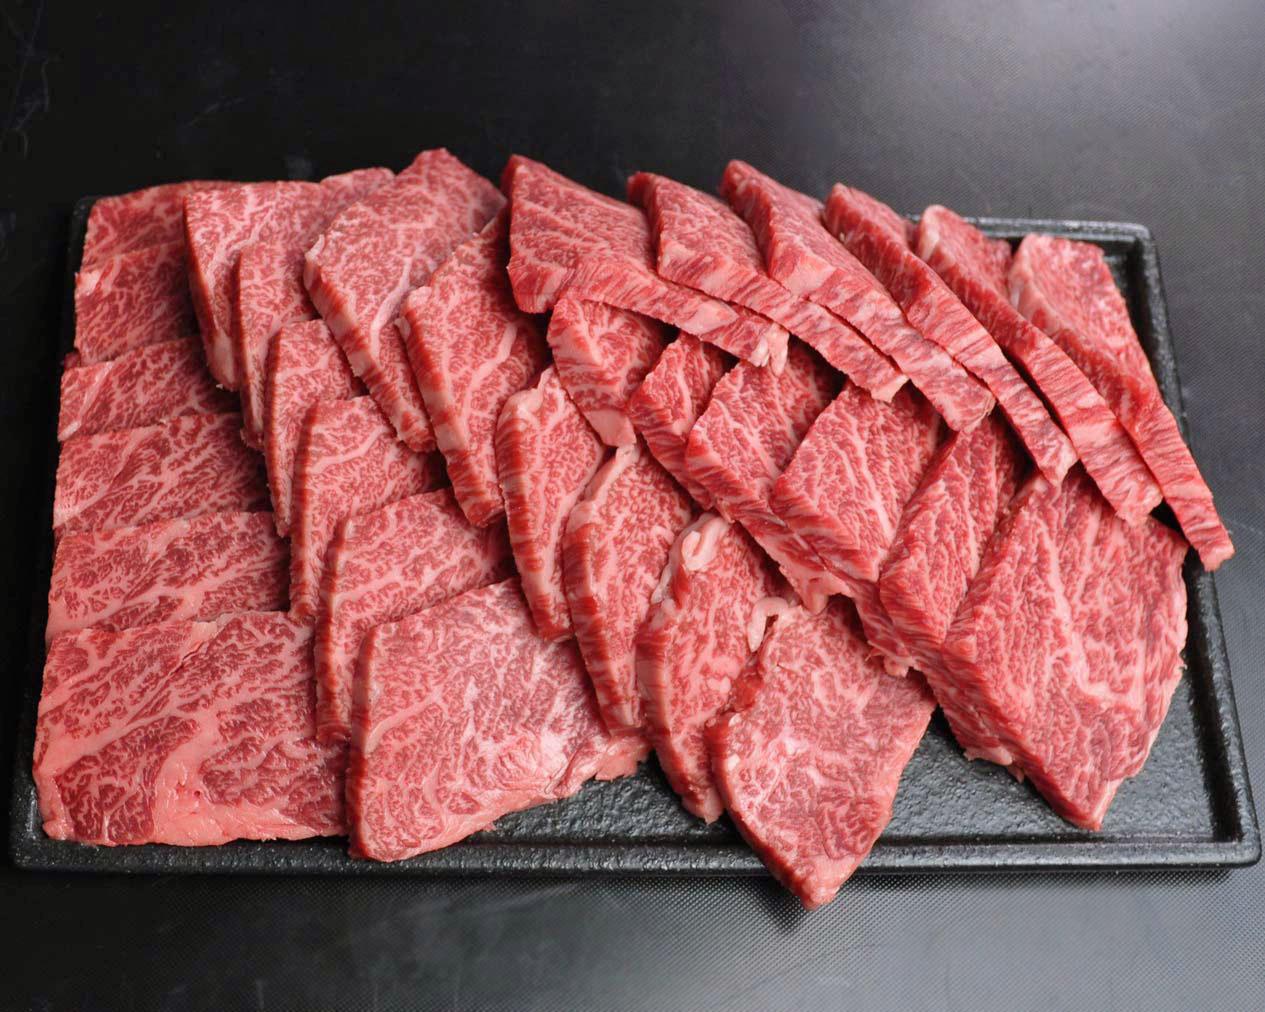 黒毛和牛焼肉赤身 750g【簡易トレーパック】